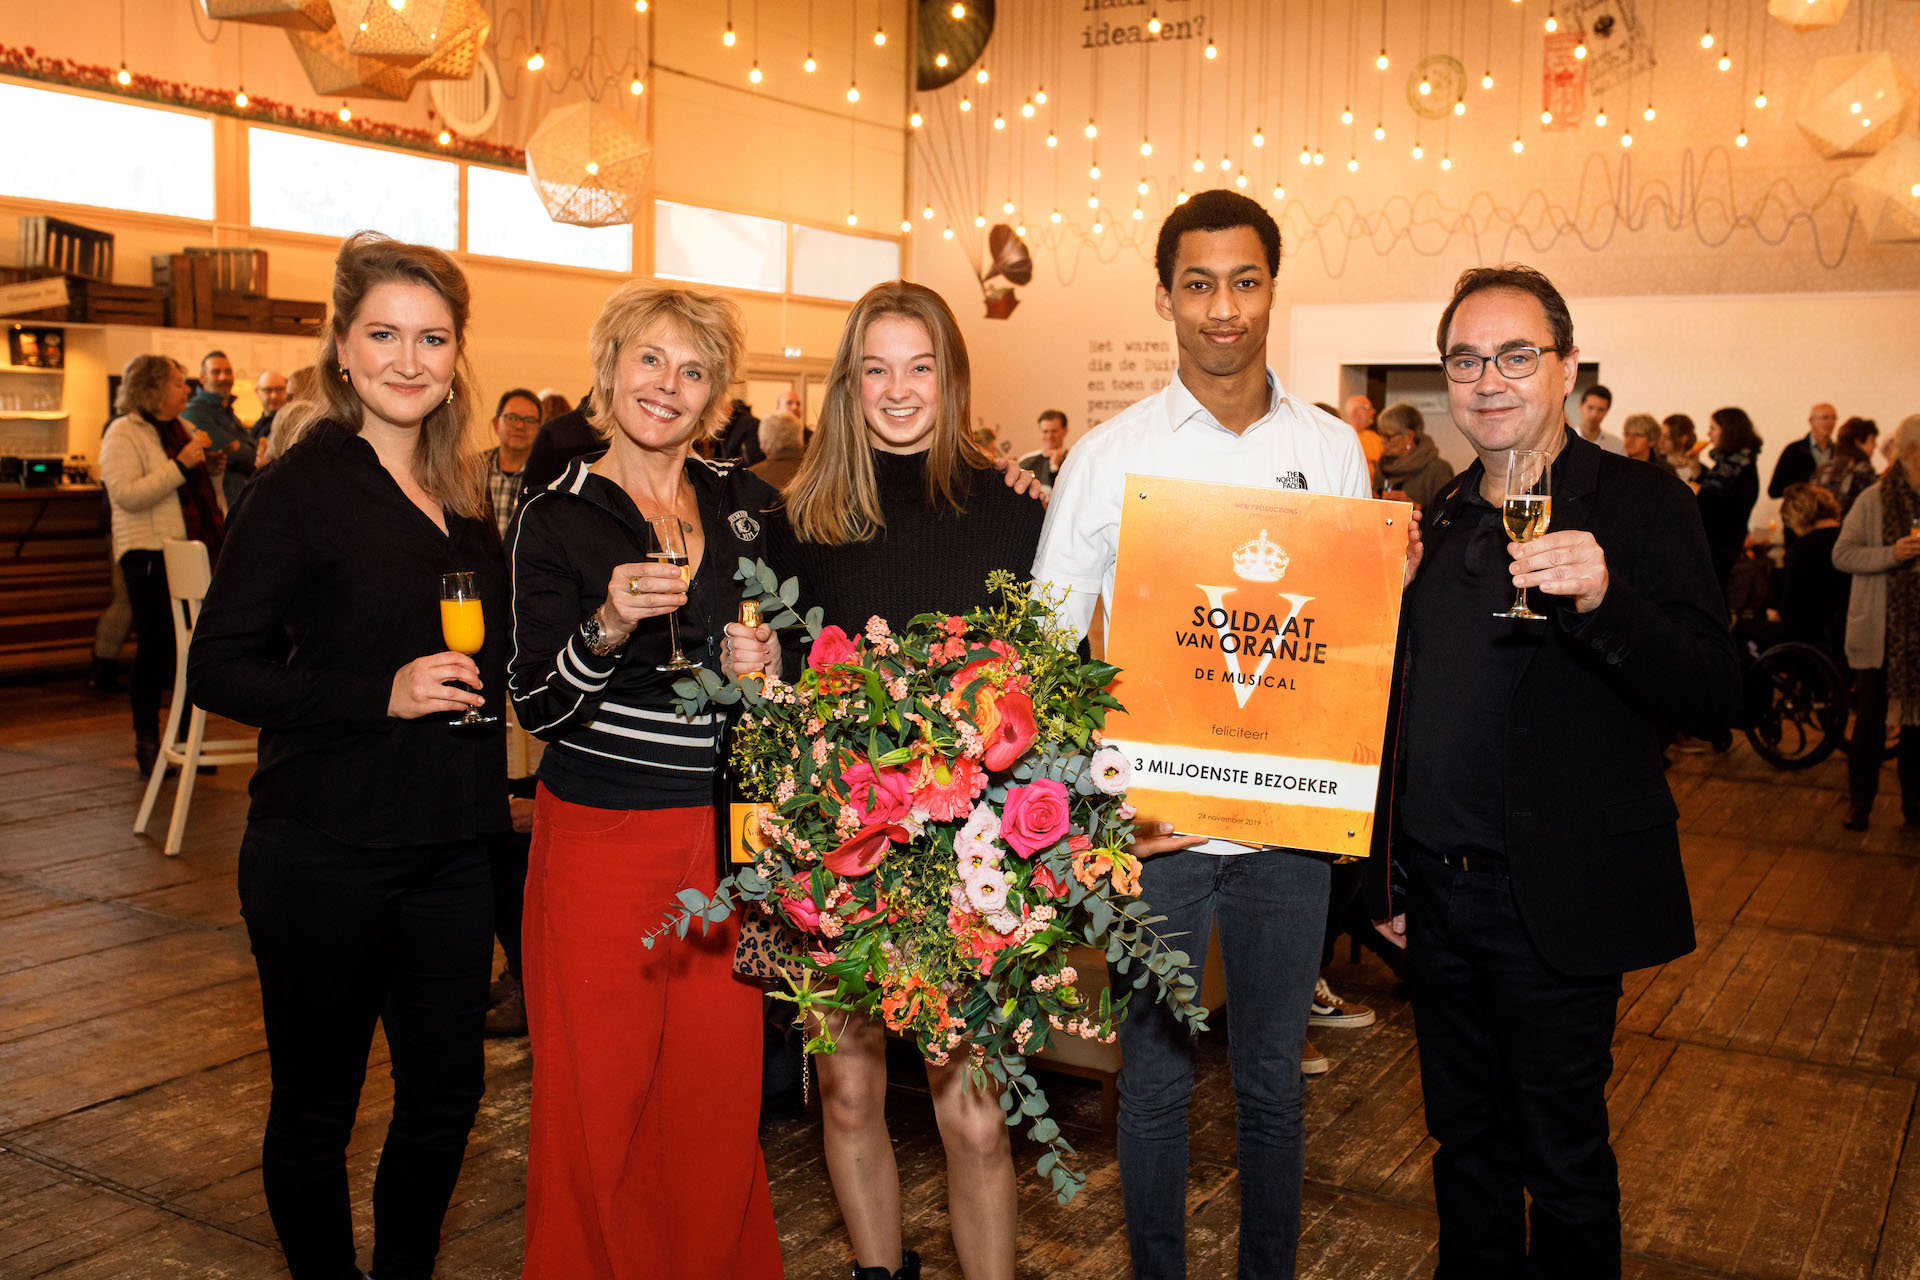 Soldaat van Oranje - De Musical ontvangt 3 miljoenste bezoeker